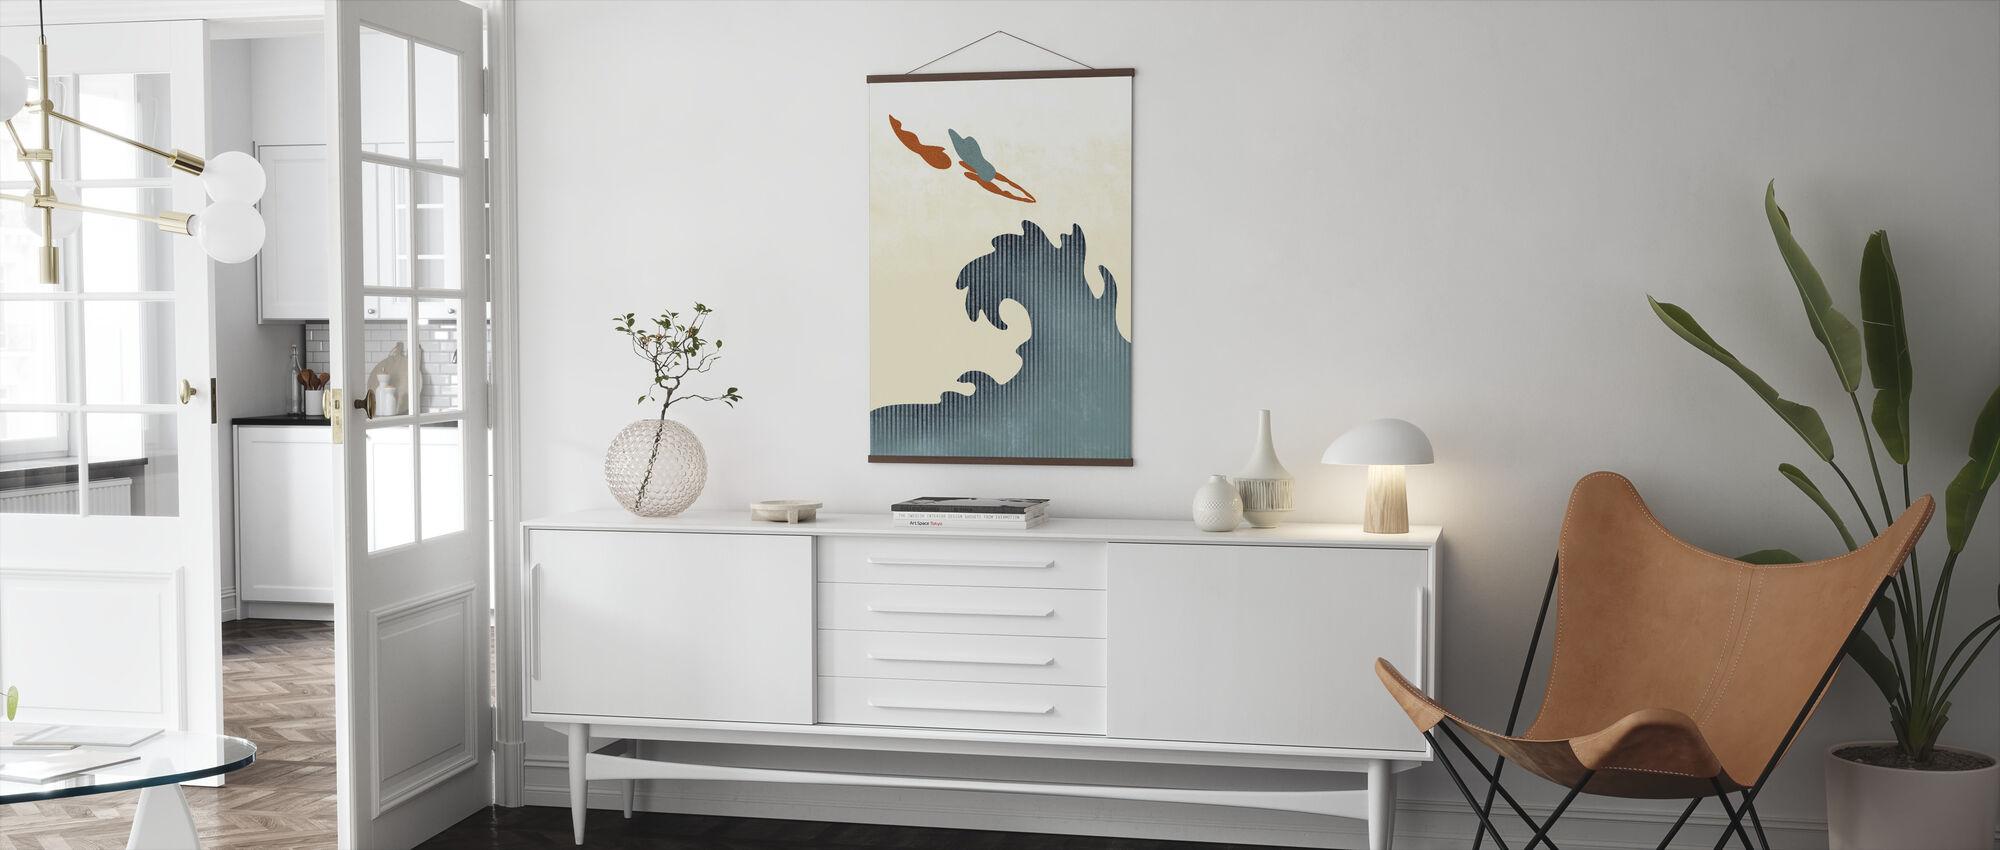 Heliga dykare - Poster - Vardagsrum